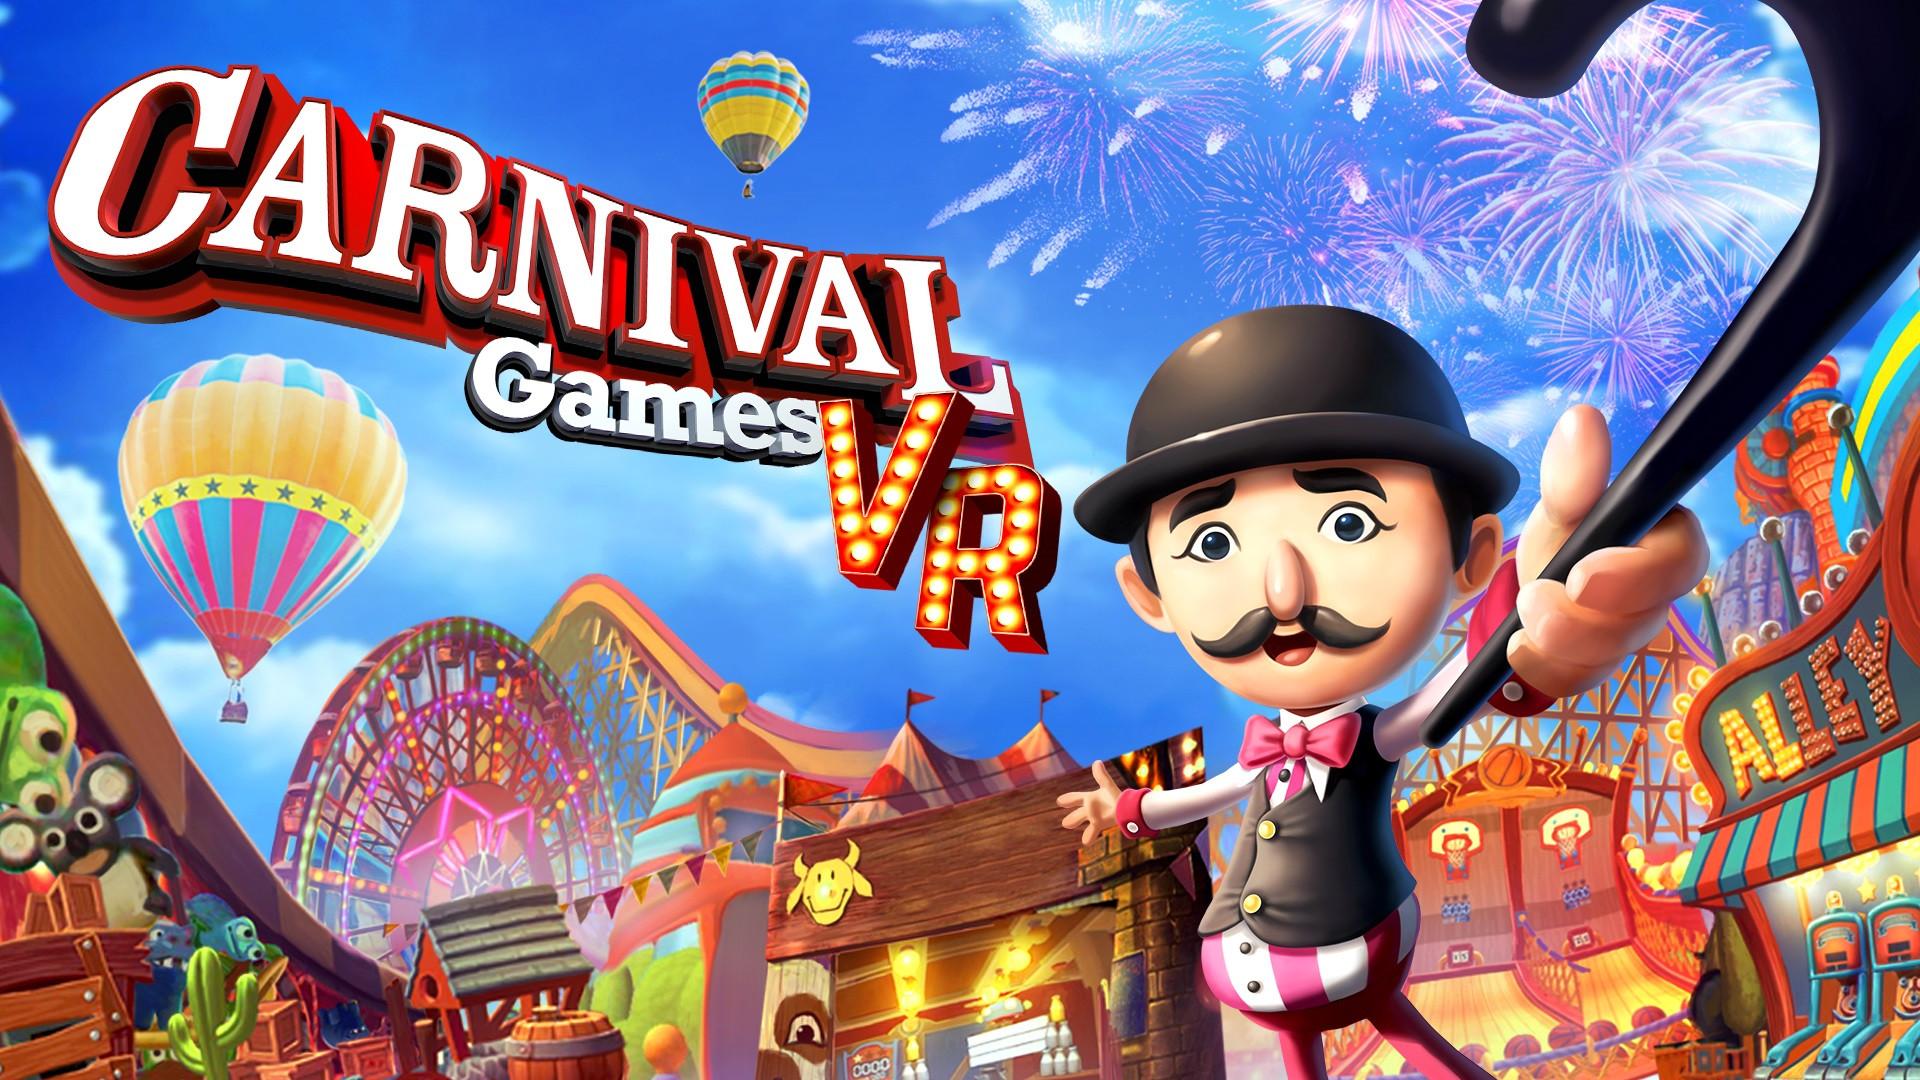 CarnivalGamesVR.jpg